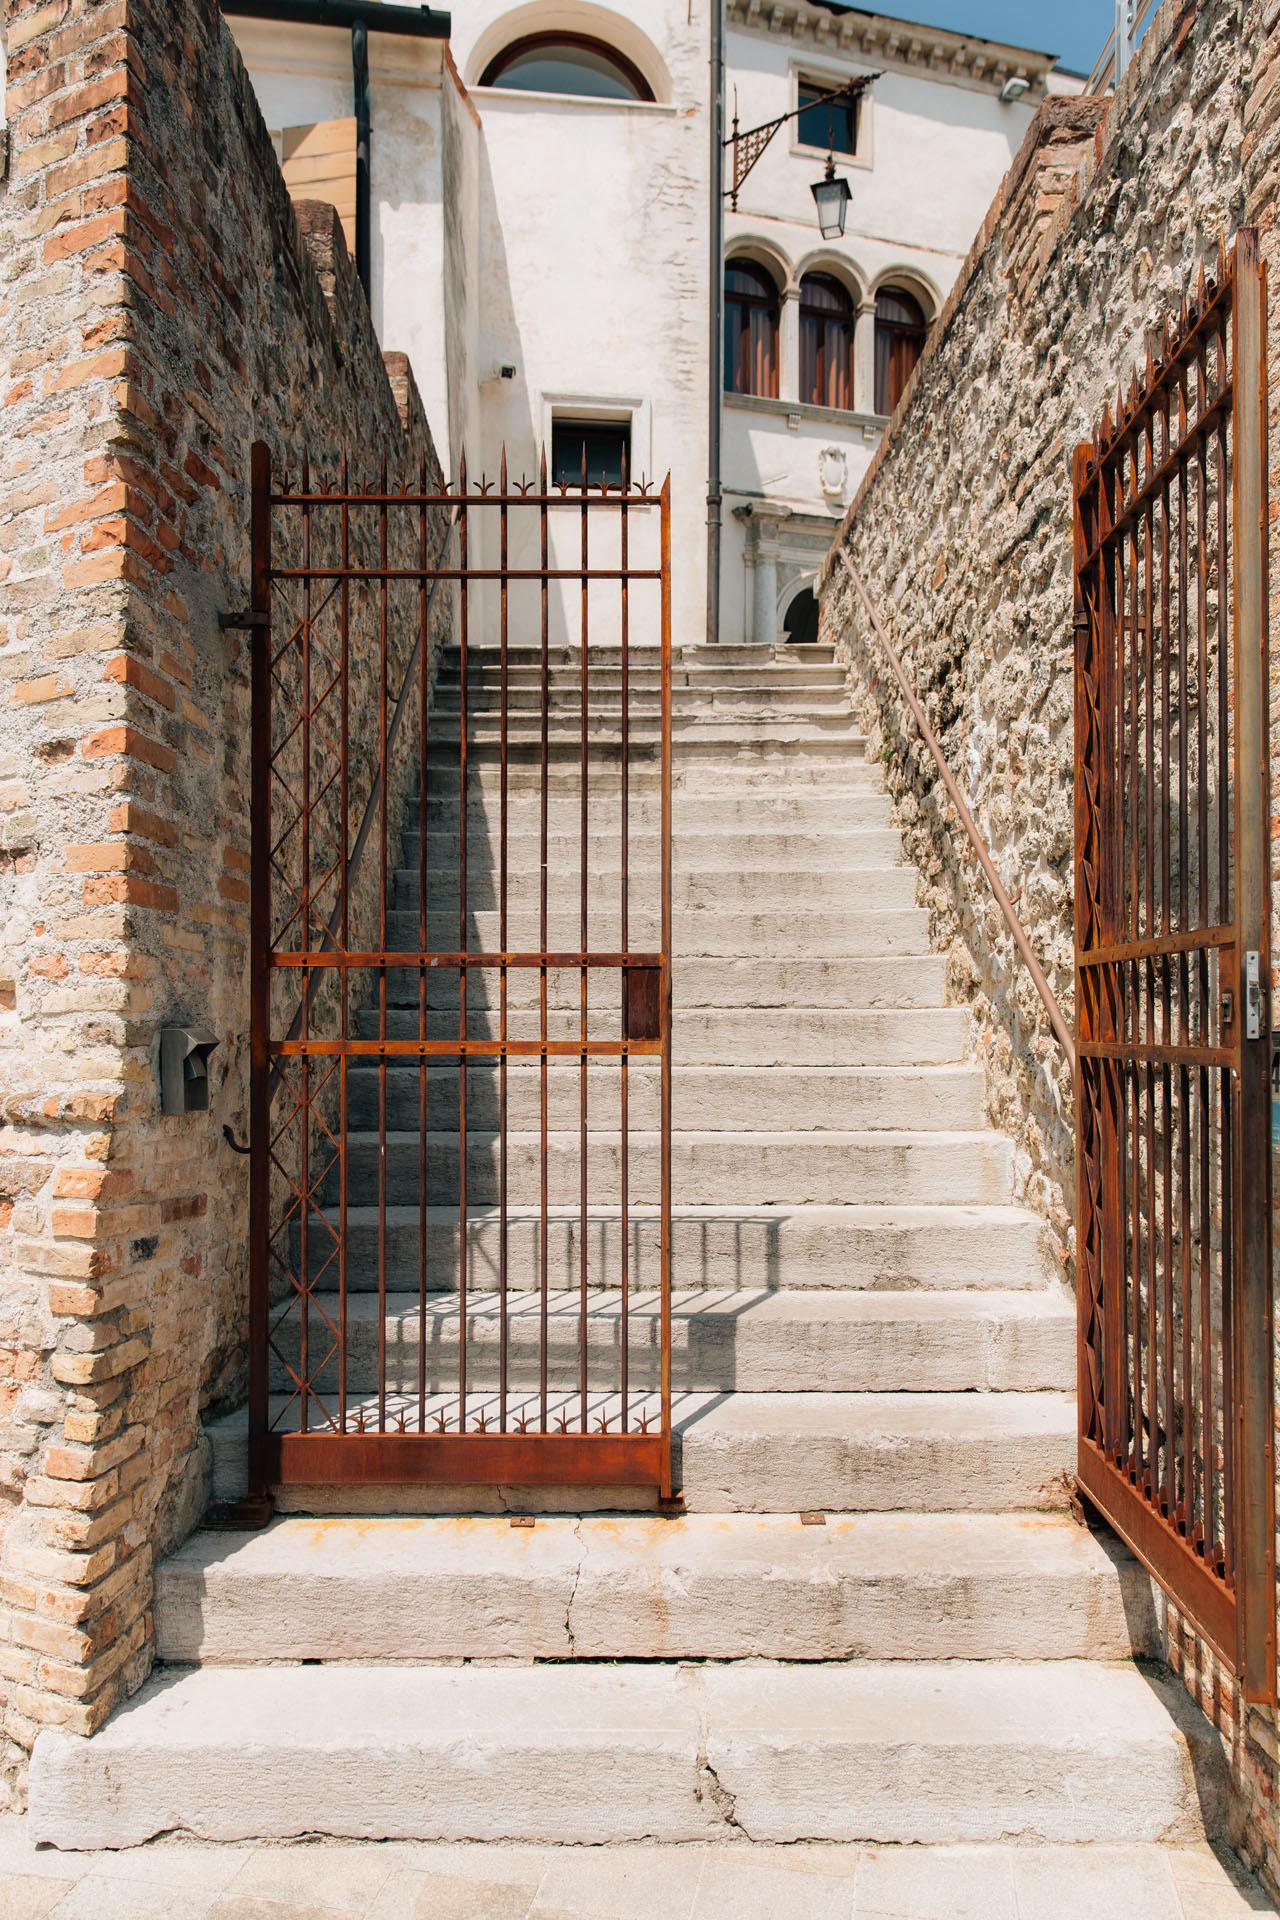 Jessica-Jason-Weddingdestination-Storytelling-Renato-Zanette-Fotografo-Convento-San-Francesco-Conegliano-Treviso-Veneto